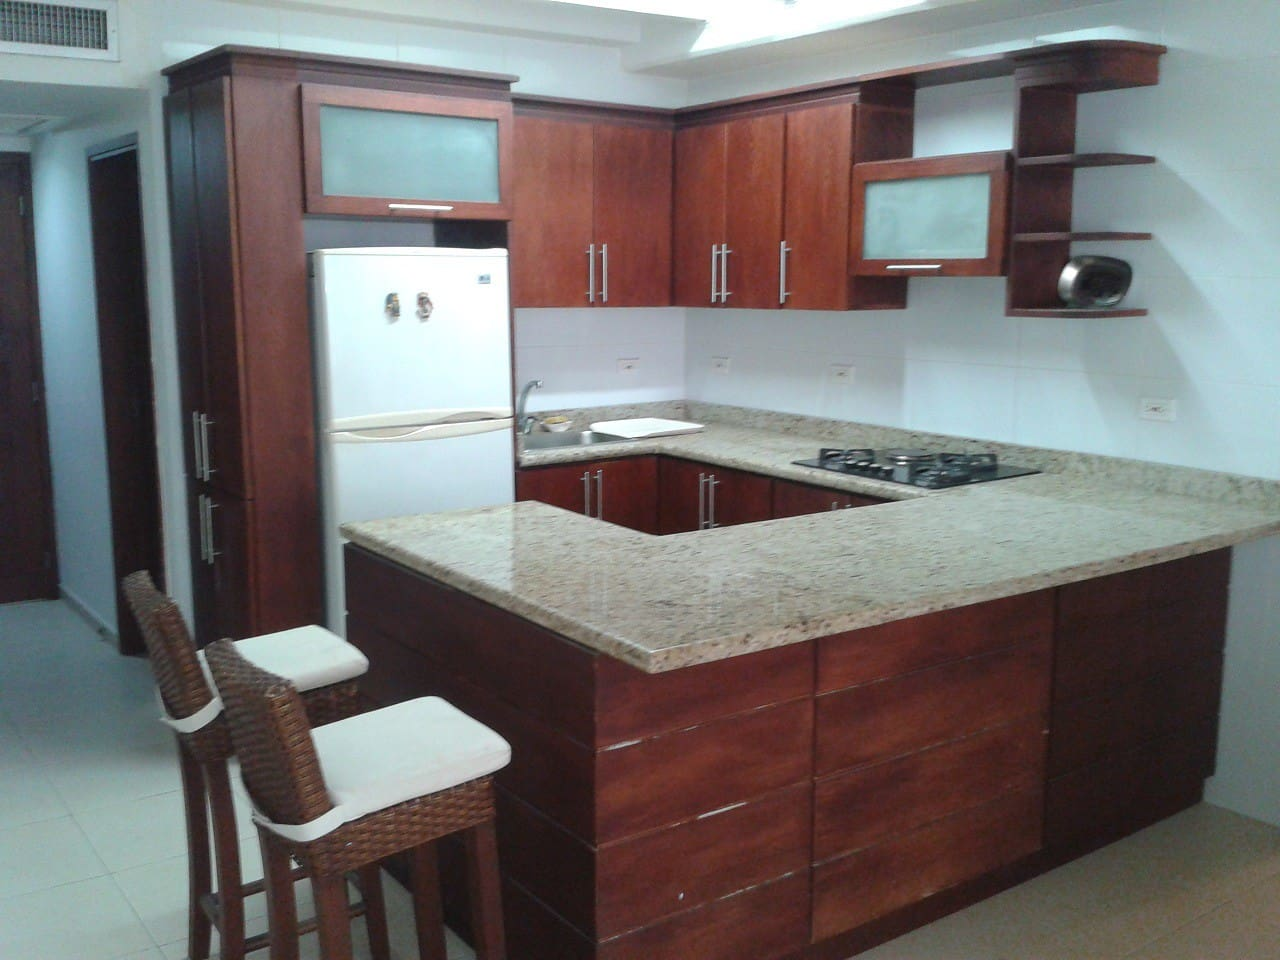 Cocina del apartamento. REGISTRO NACIONAL DE TURISMO 52032